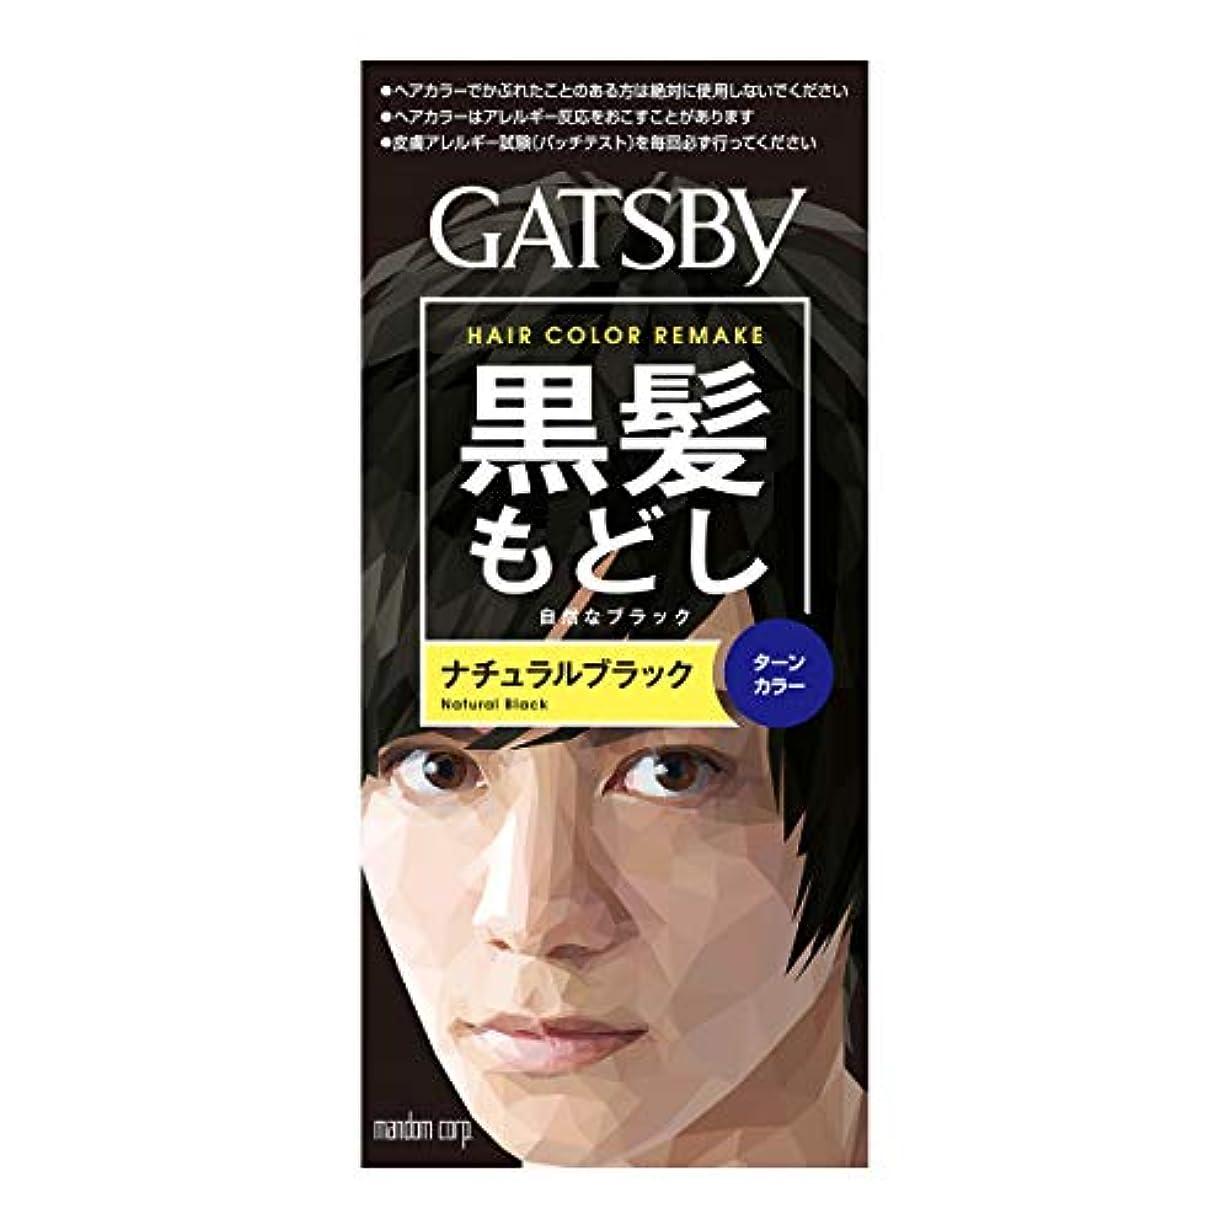 医療過誤収縮一見GATSBY(ギャツビー) ターンカラー ナチュラルブラック 1剤35g 2剤70mL (医薬部外品)